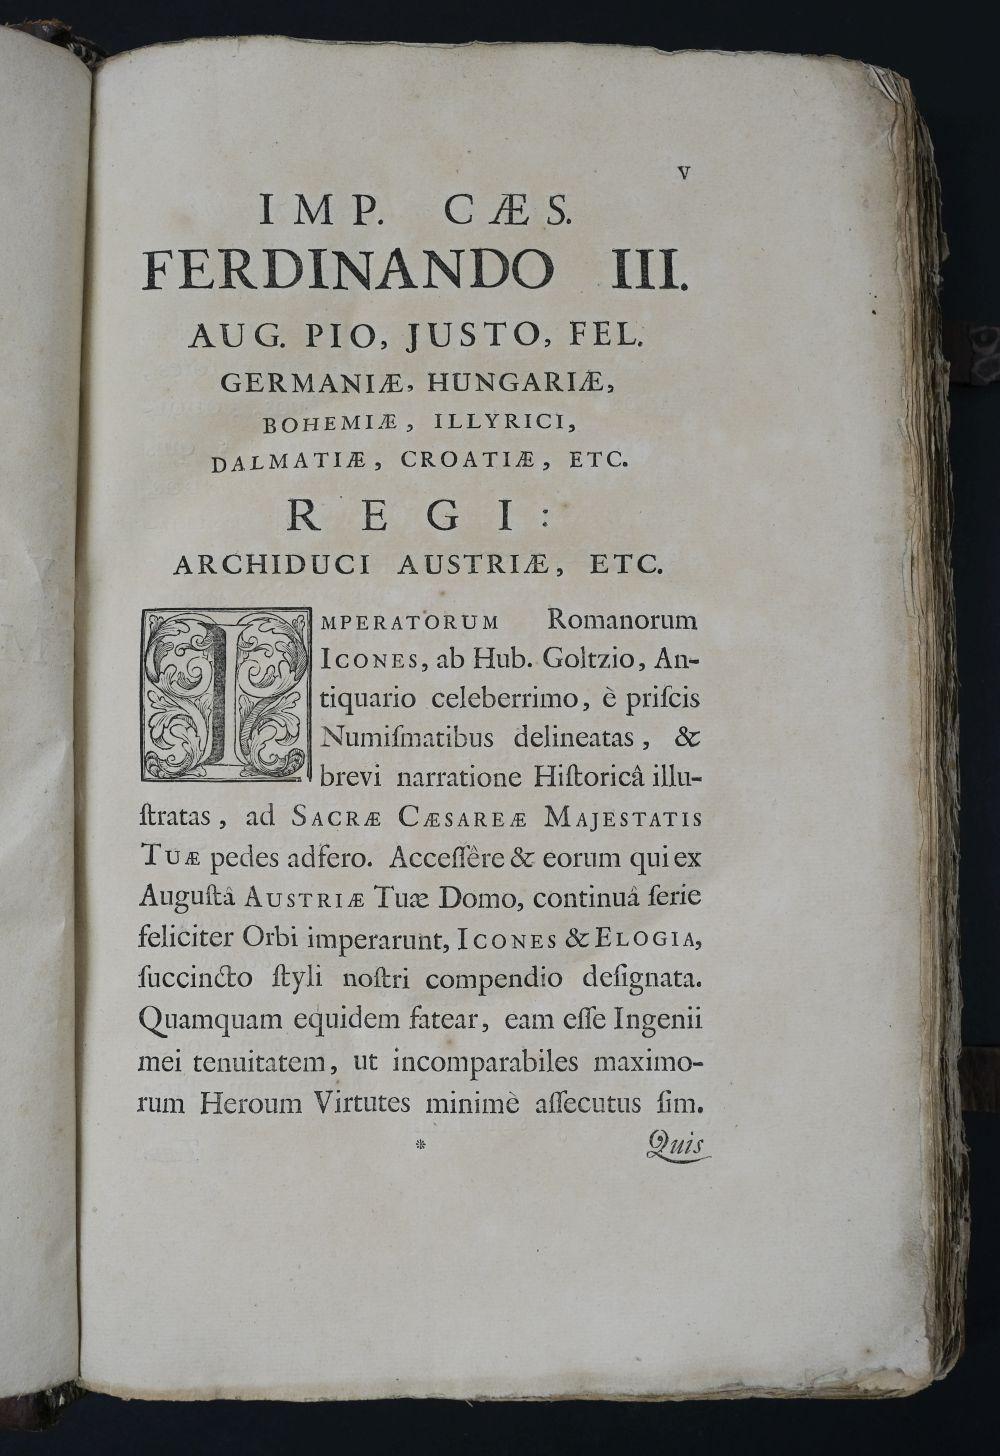 Goltzius (Hubert). Icones Imperatorum Romanorum, 1708 - Image 6 of 13